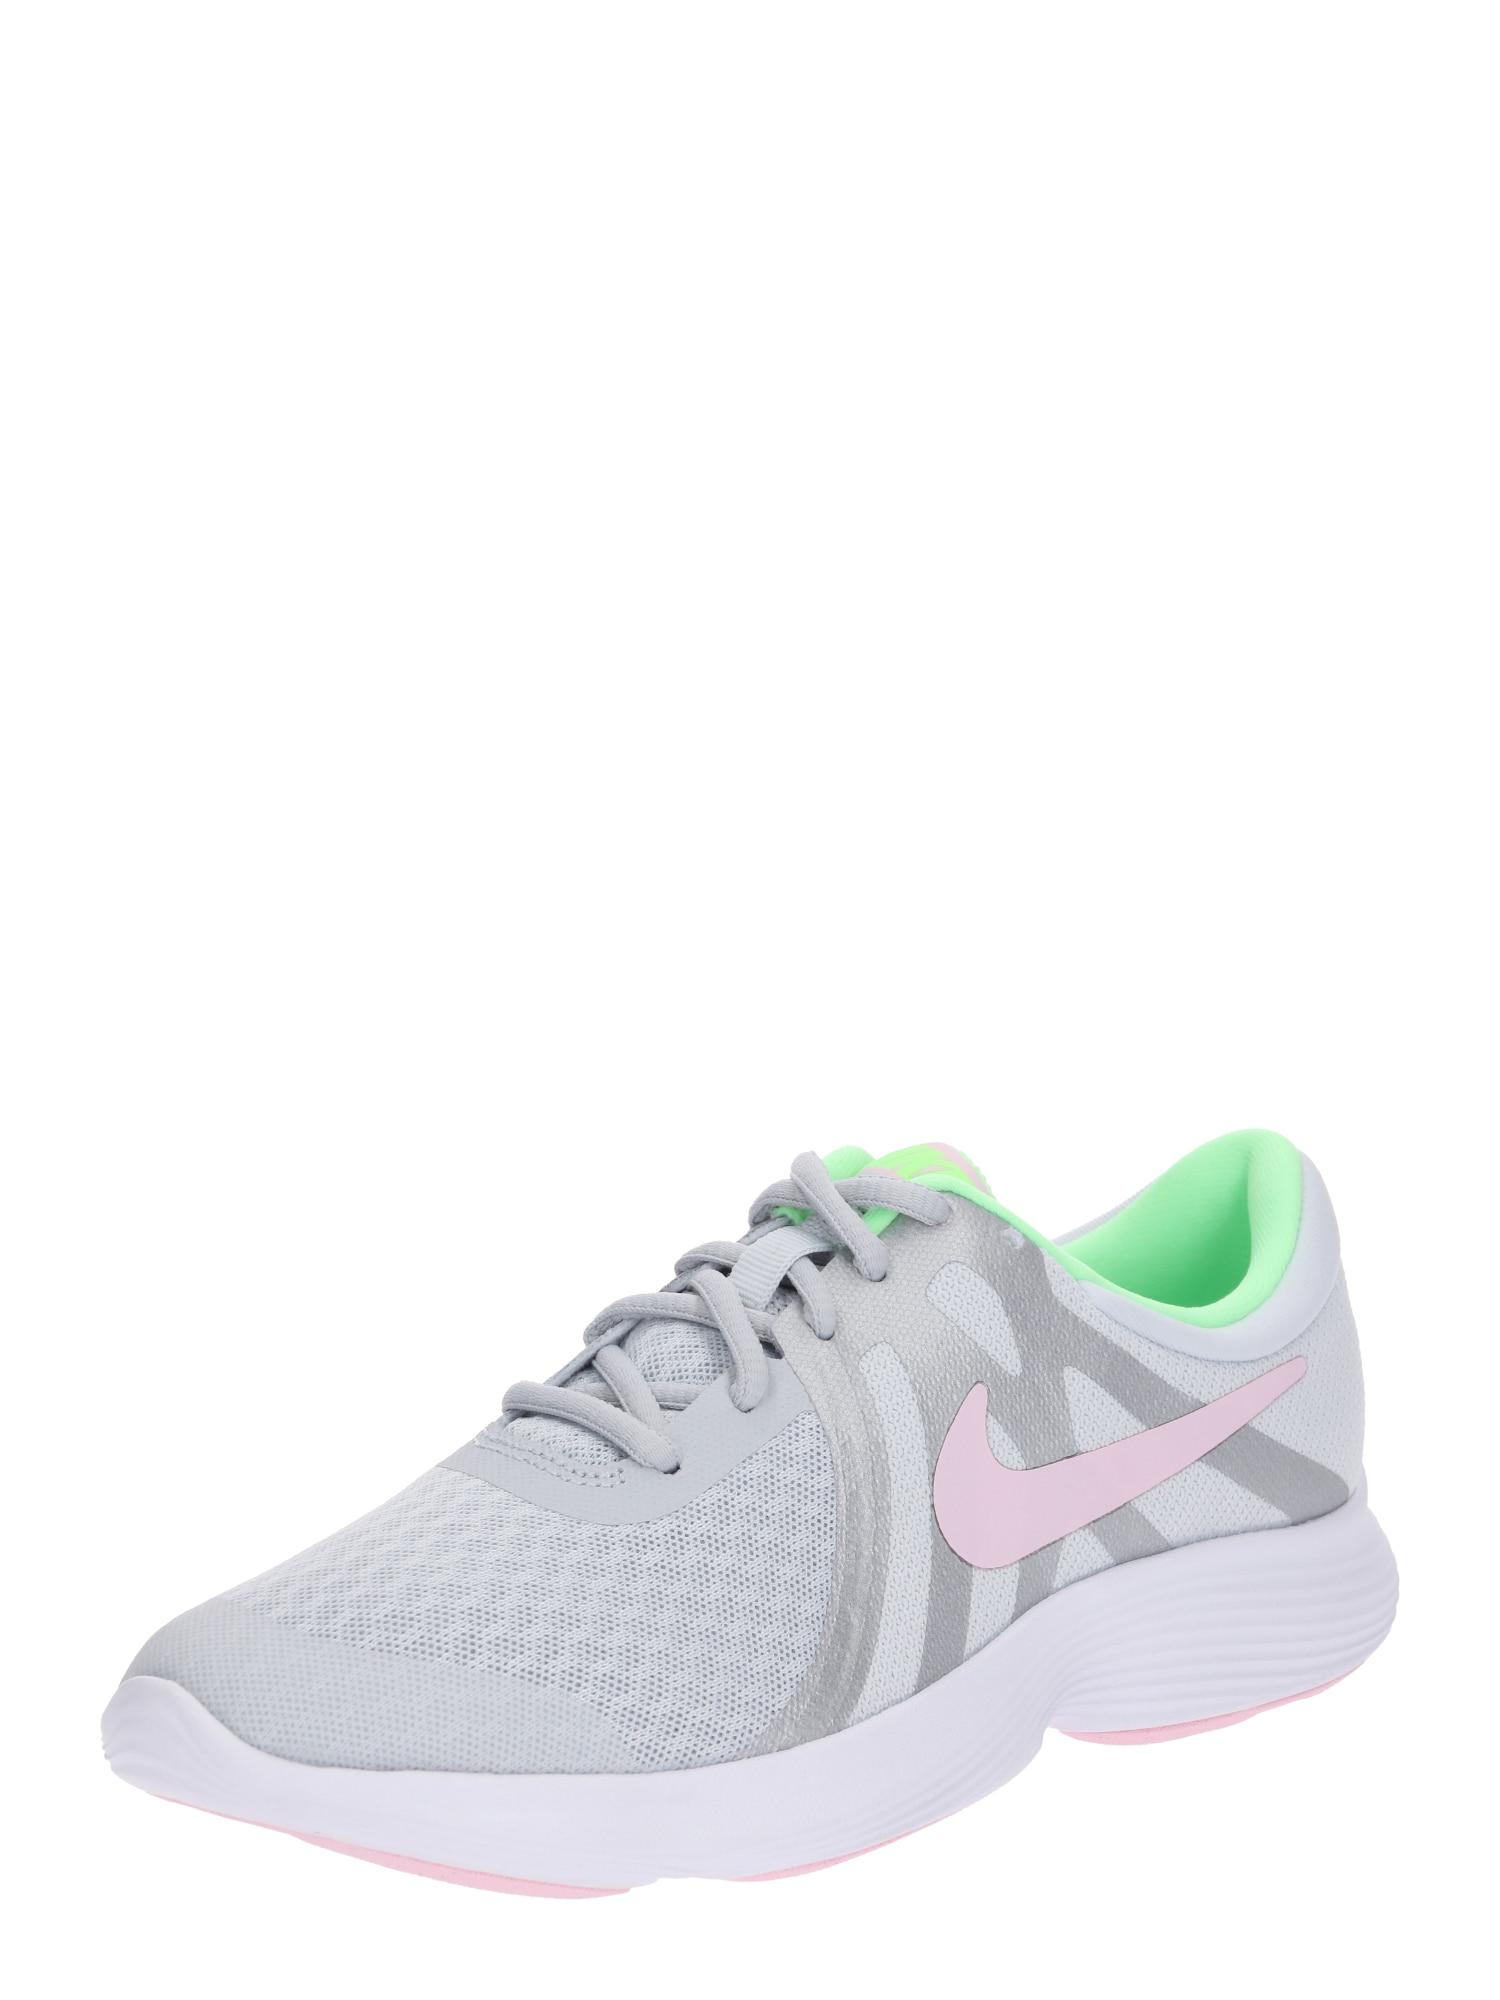 Sportovní boty Revolution 4 šedá mátová pink NIKE